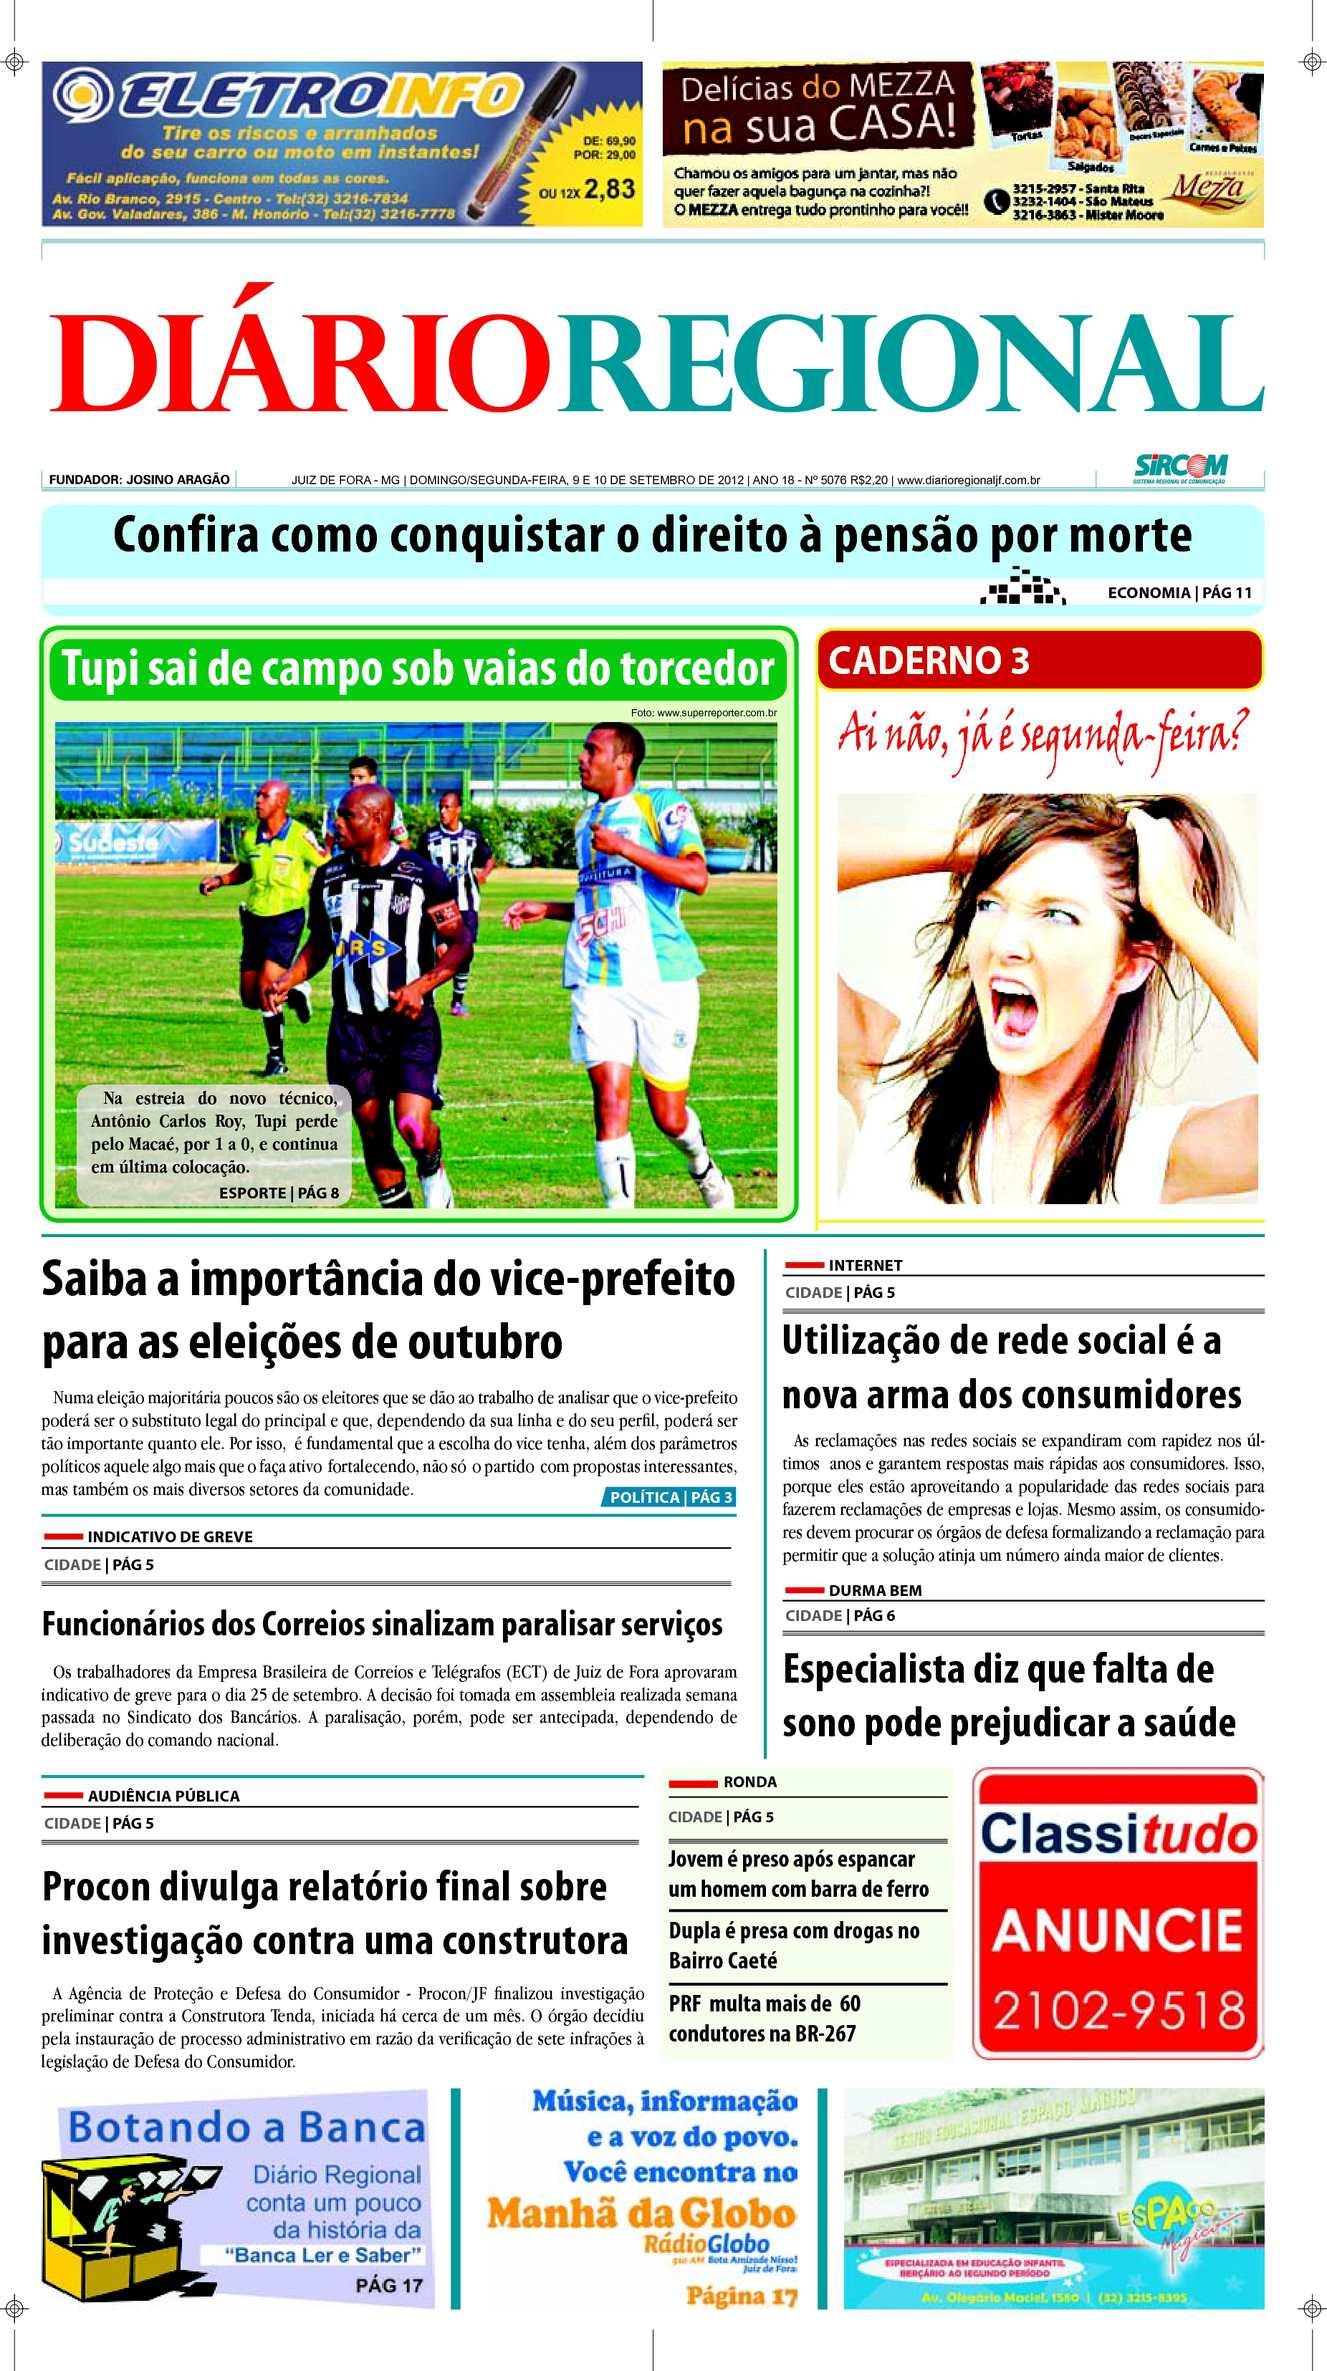 Calaméo - Edição 09 e 10 09 2012 5f4f1a5e61cda